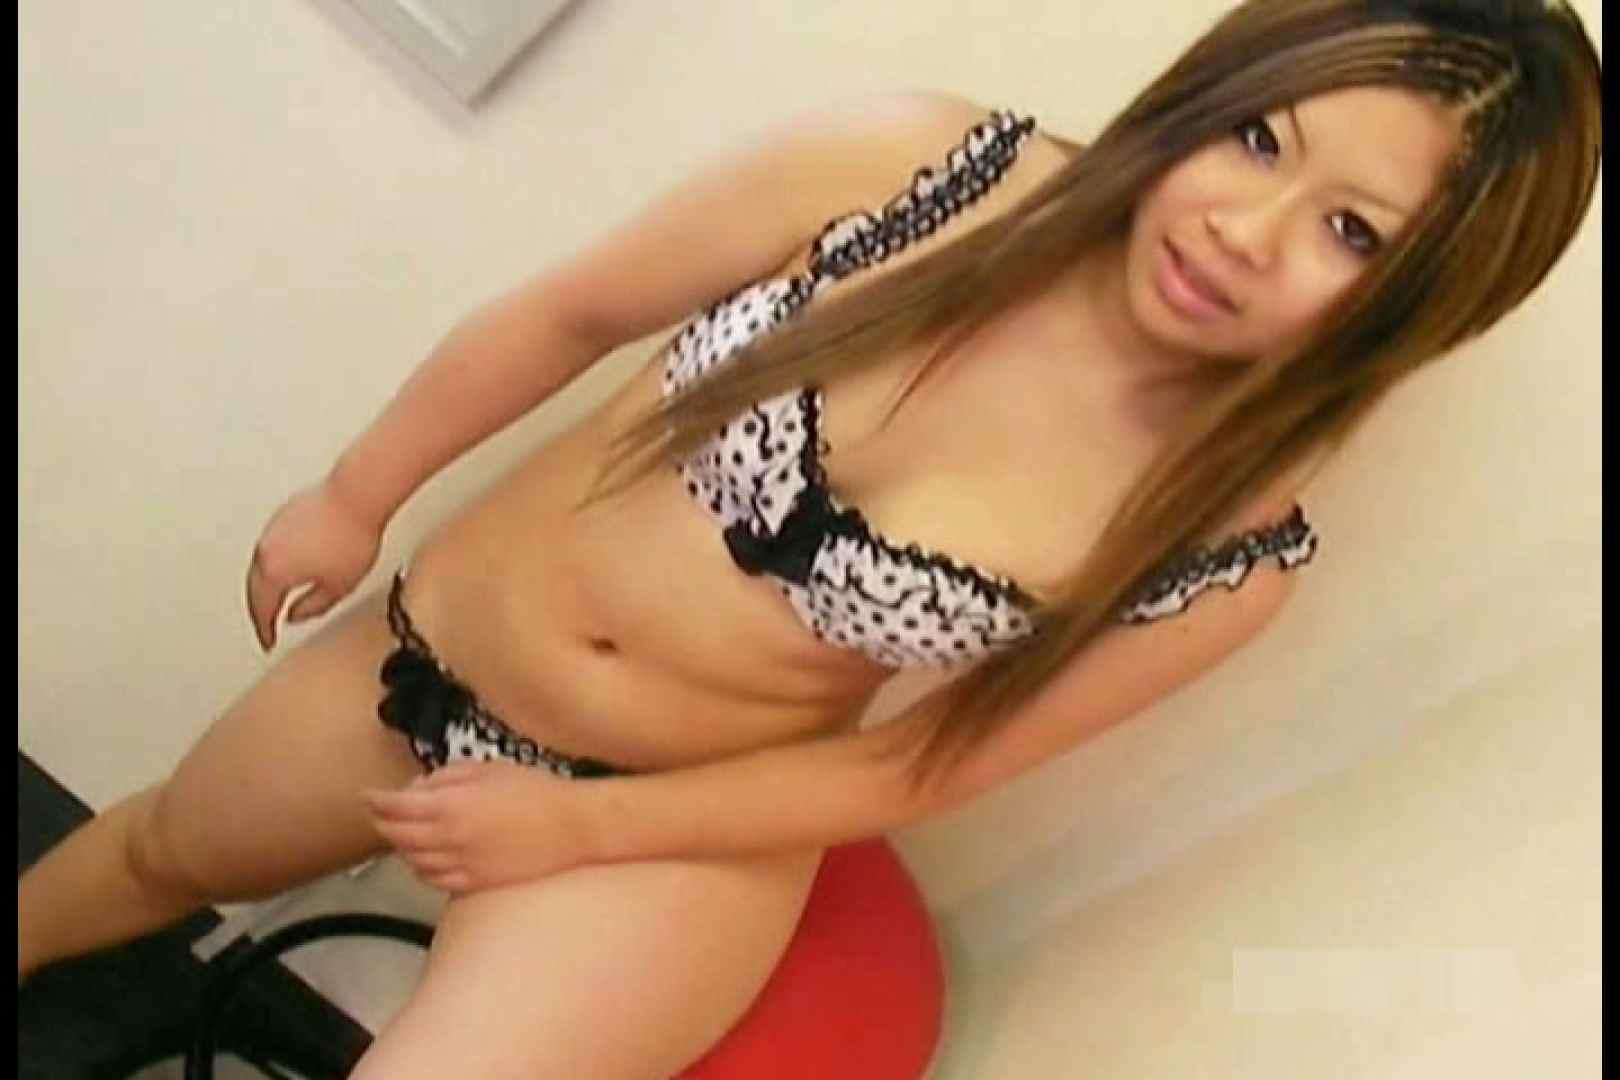 素人撮影 下着だけの撮影のはずが・・・幸子18歳 着替え | 盗撮  71PIX 17